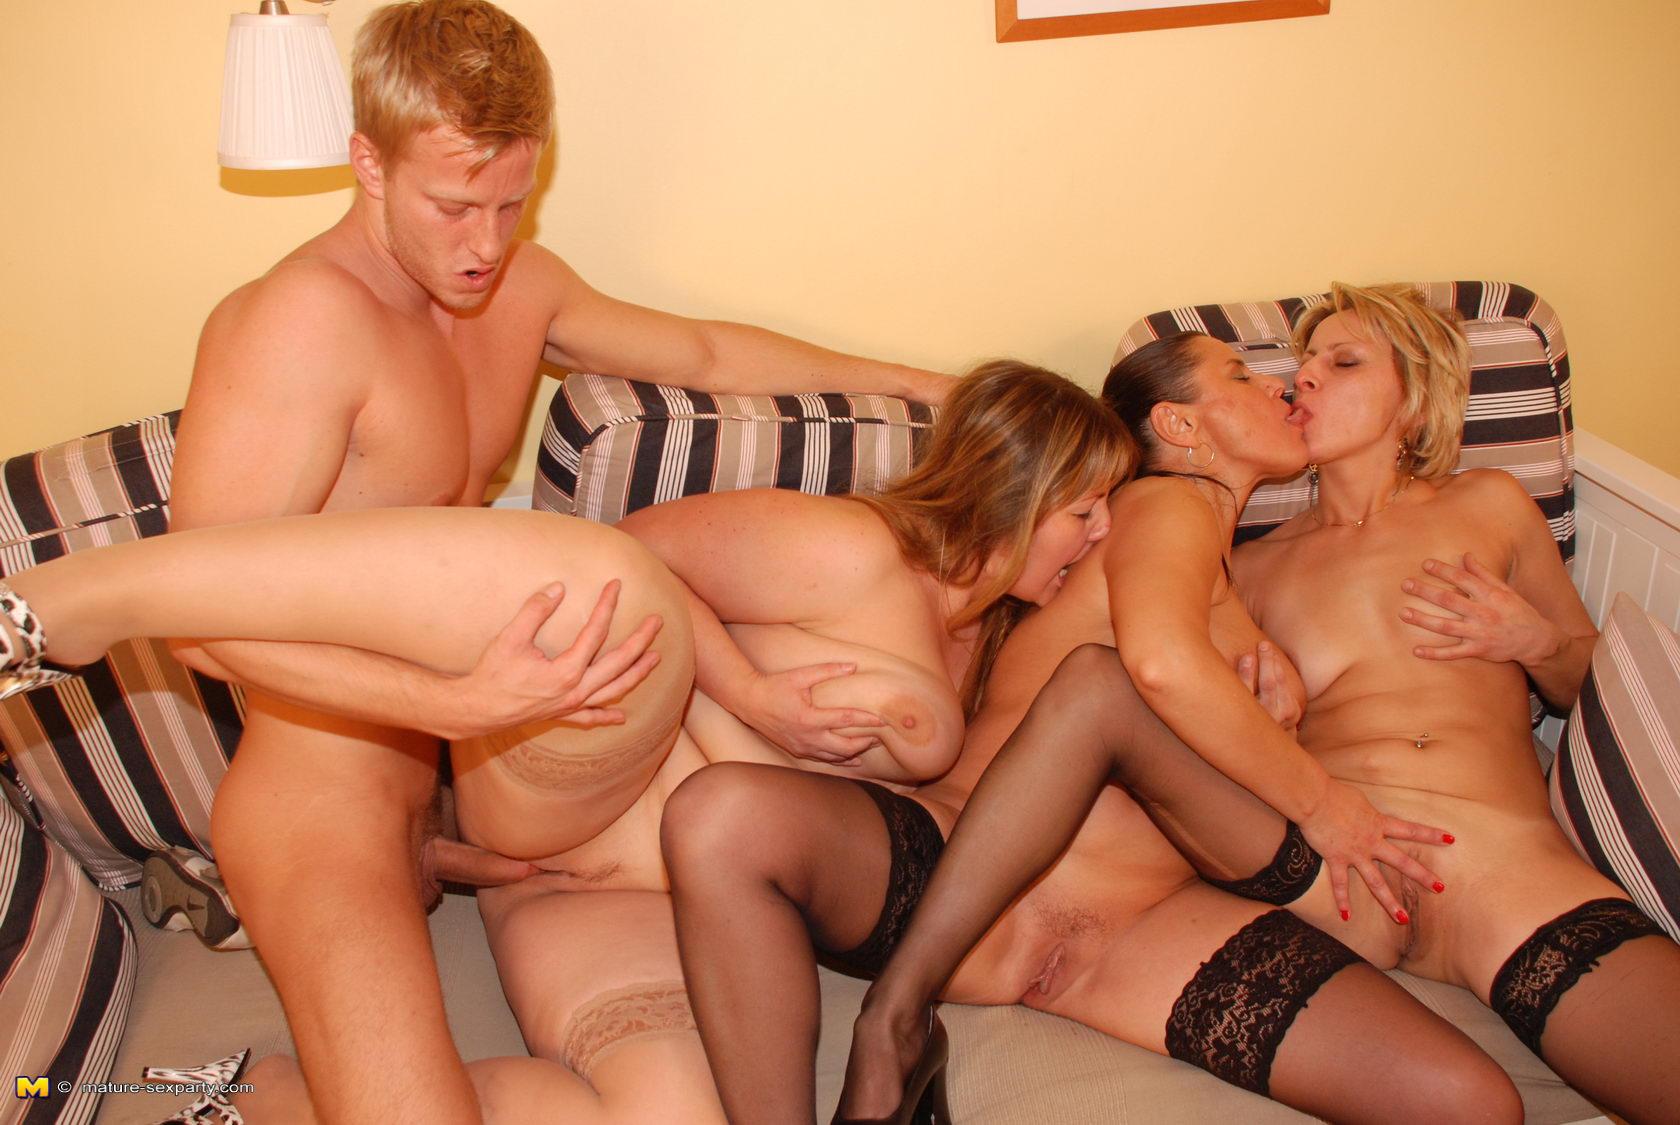 Смотреть порно для взрослых ххх порно, Порно видео онлайн бесплатно без регистрации » 10 фотография